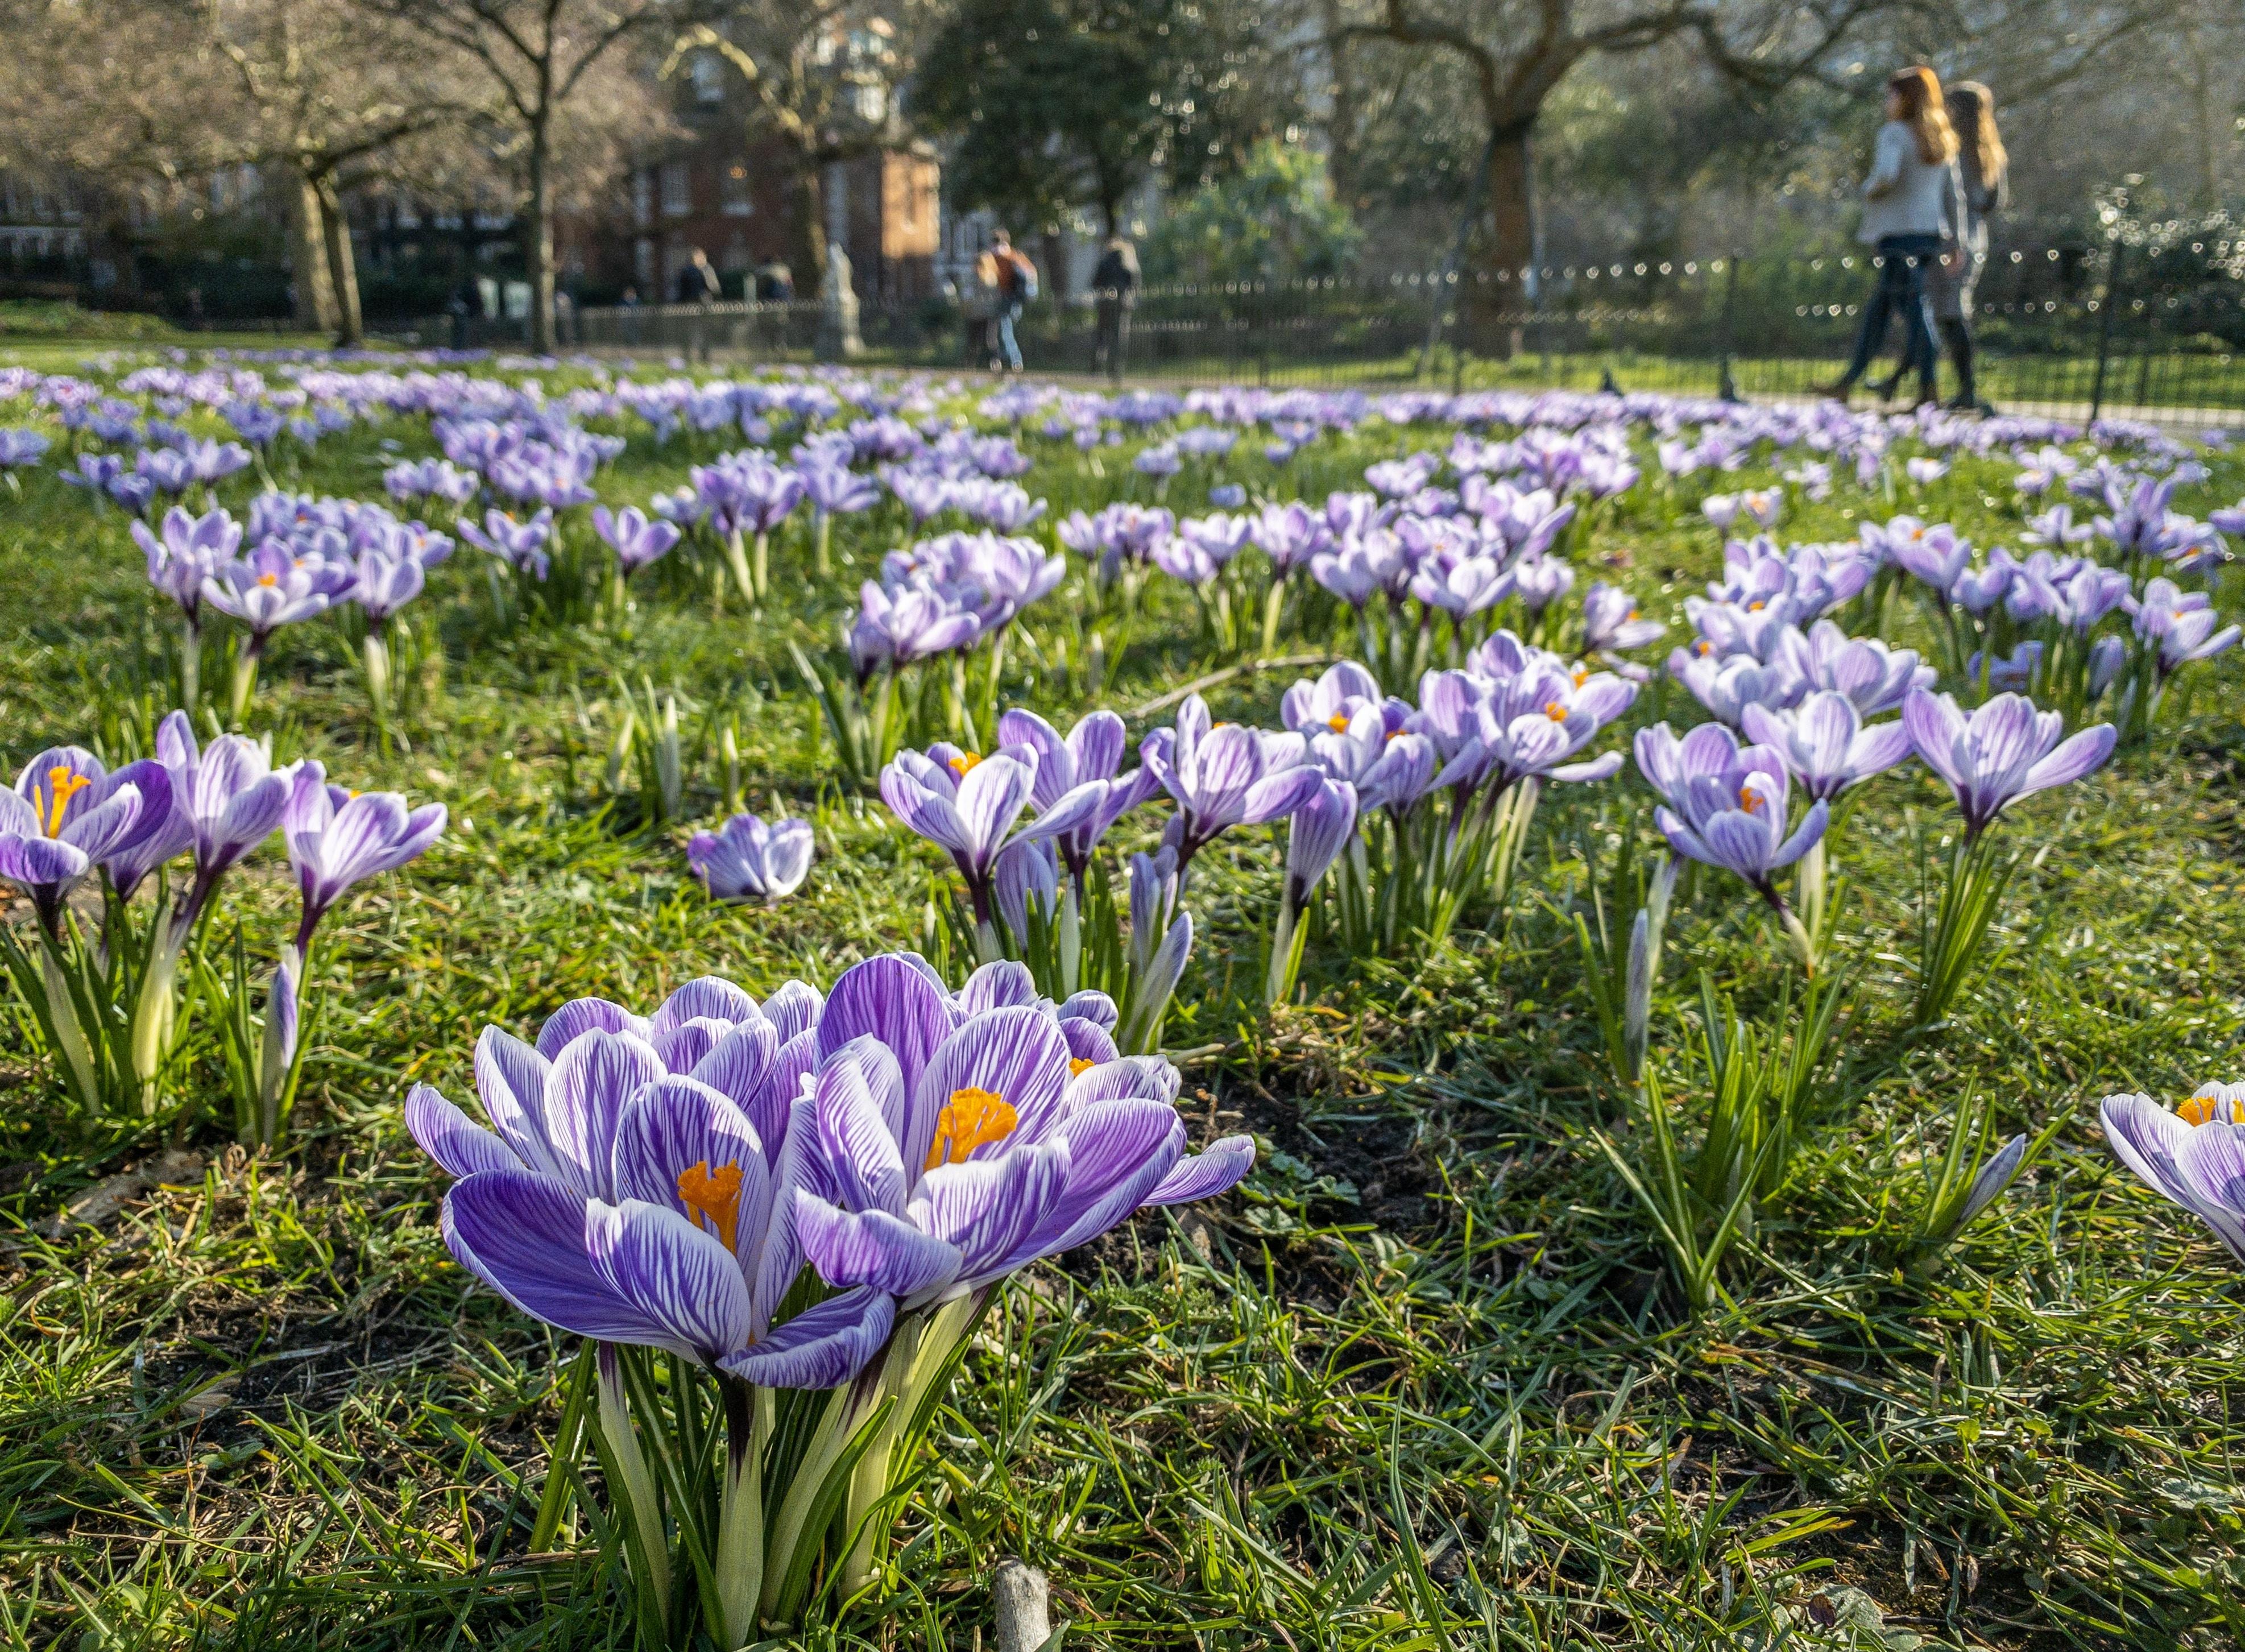 purple-petaled flower field